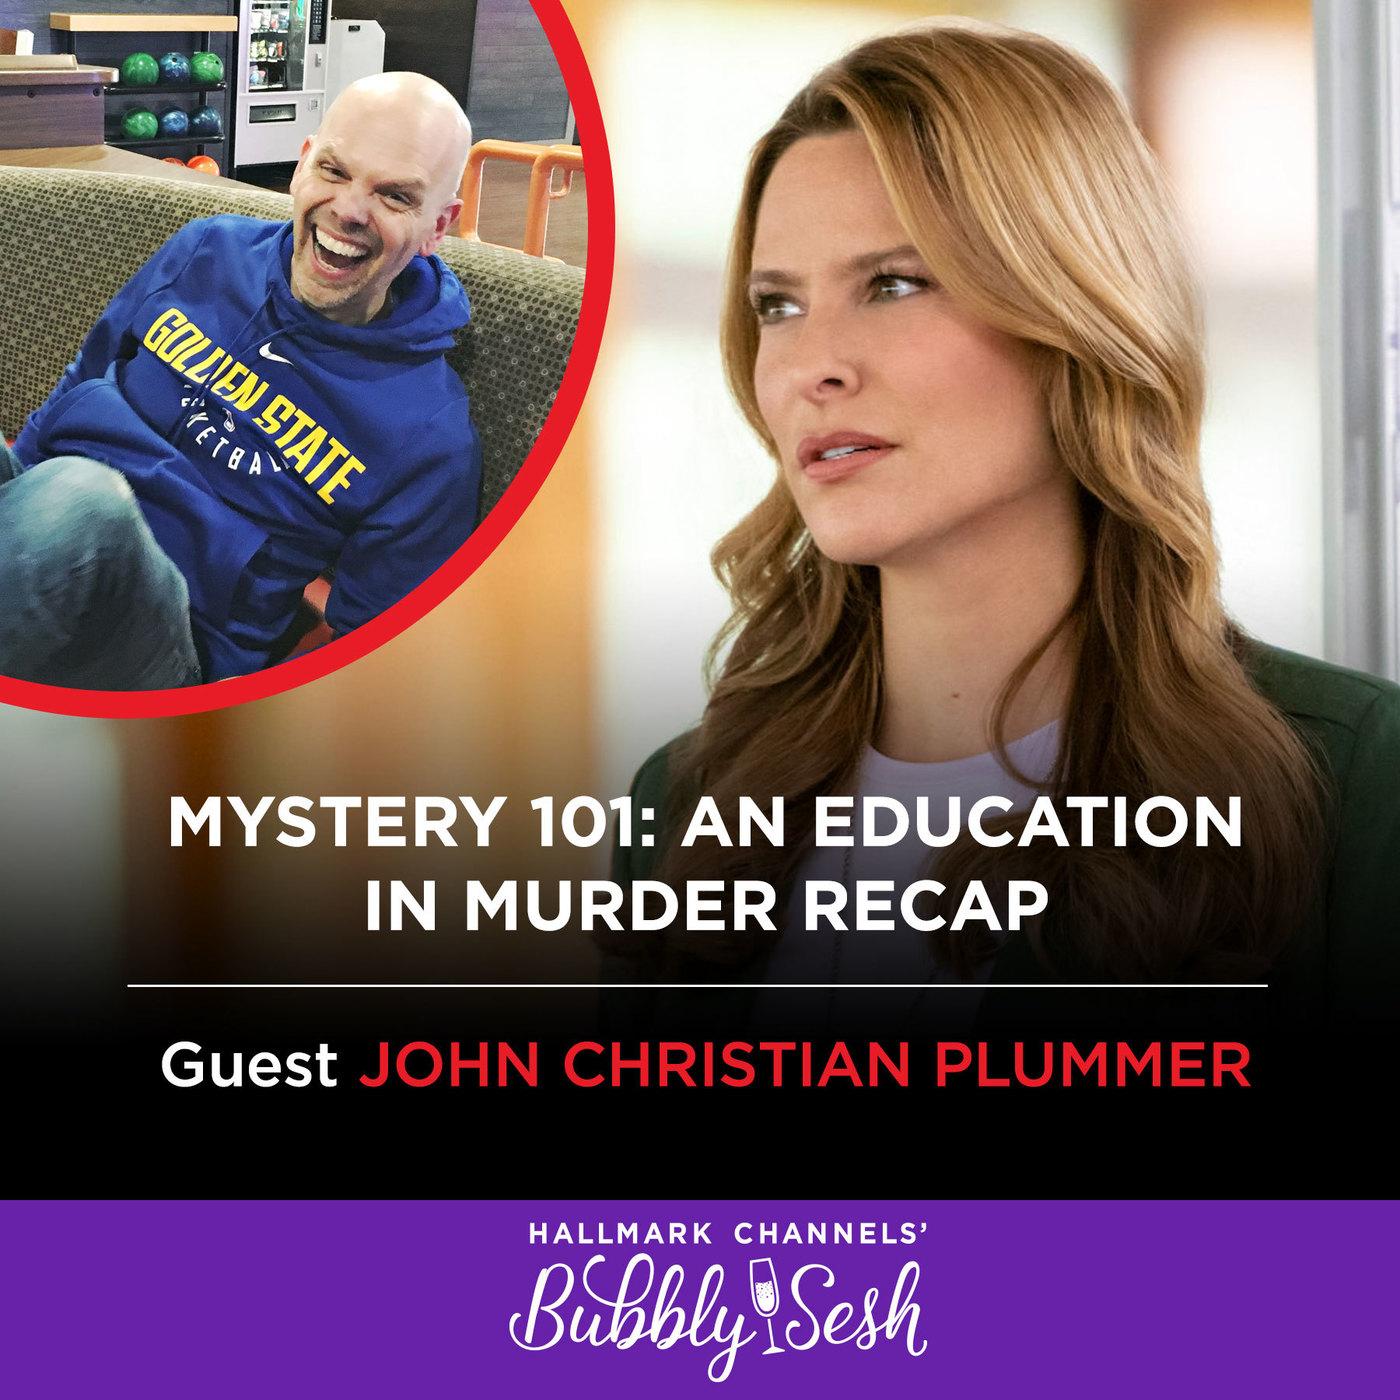 Mystery 101: An Education in Murder Recap with Guest John Christian Plummer